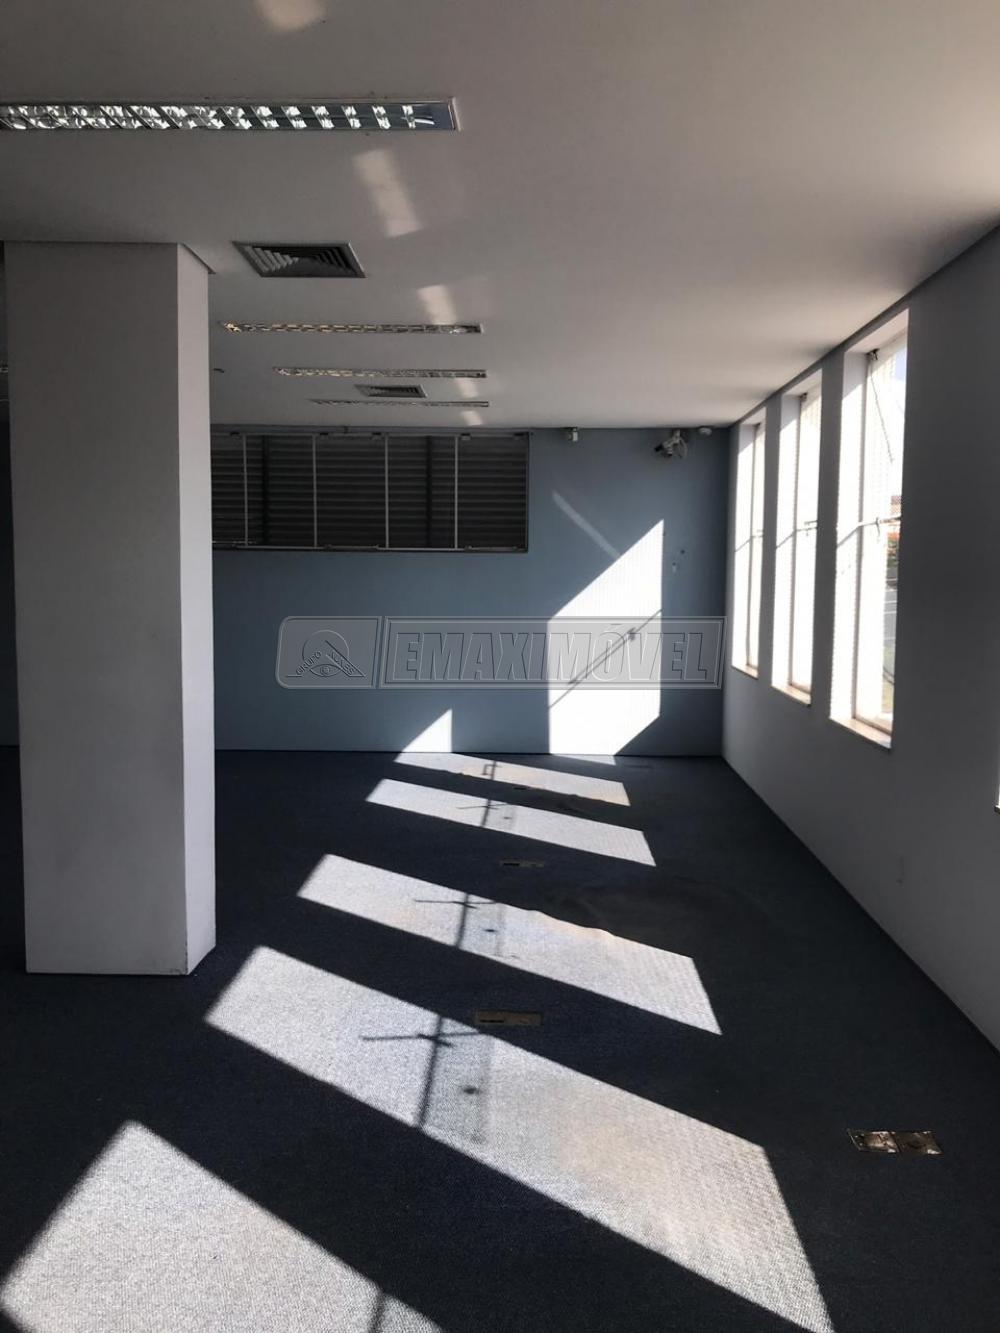 Alugar Comercial / Galpões em Sorocaba apenas R$ 30.000,00 - Foto 10